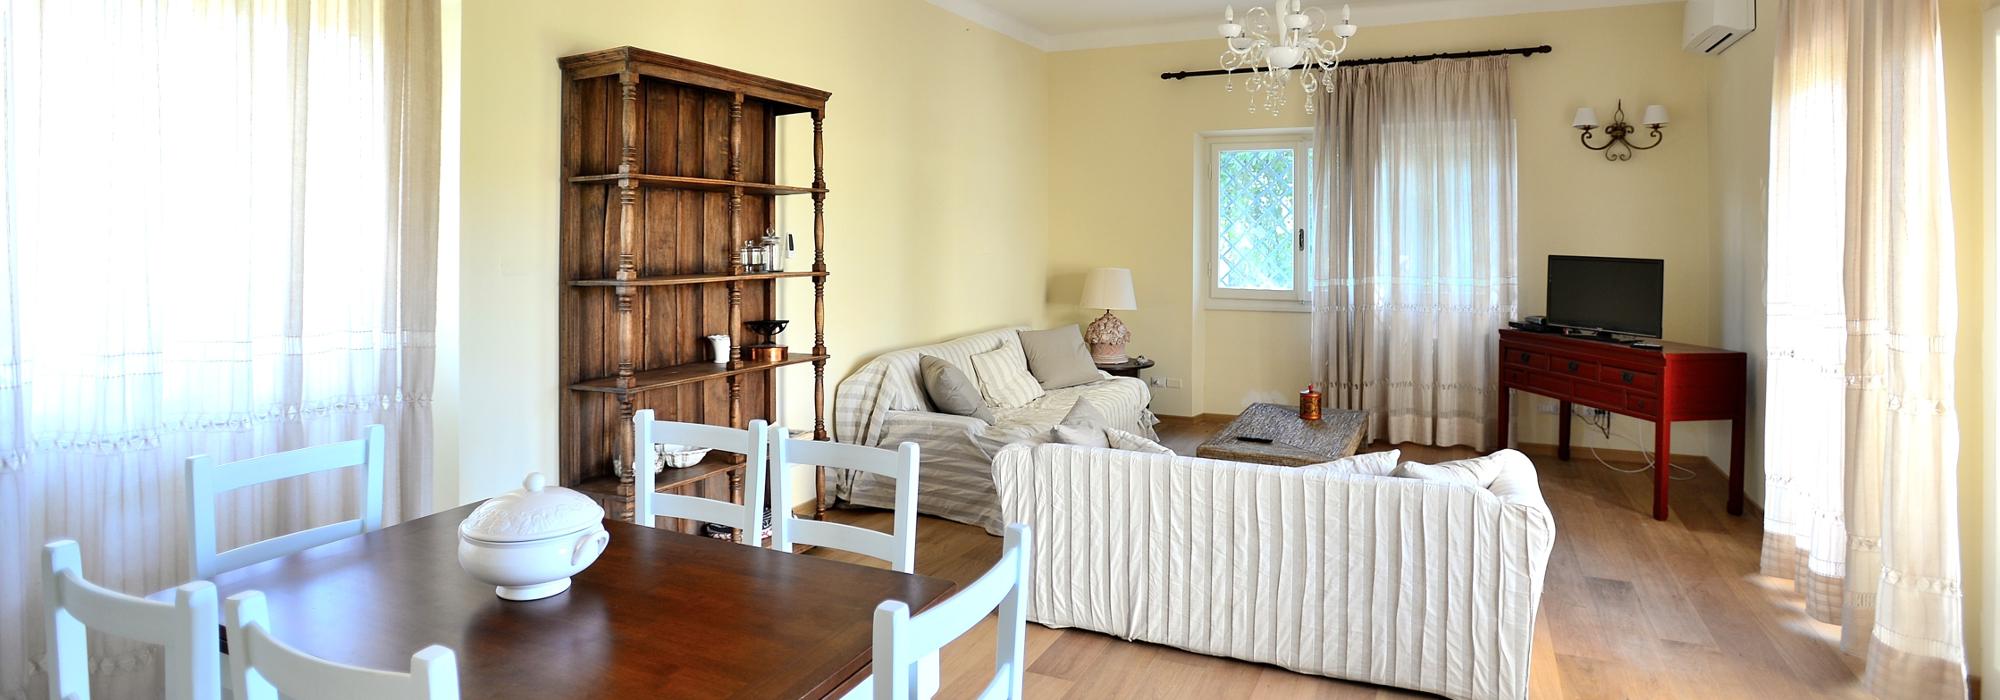 Beautiful Villa for seasonal rental in Forte dei Marmi